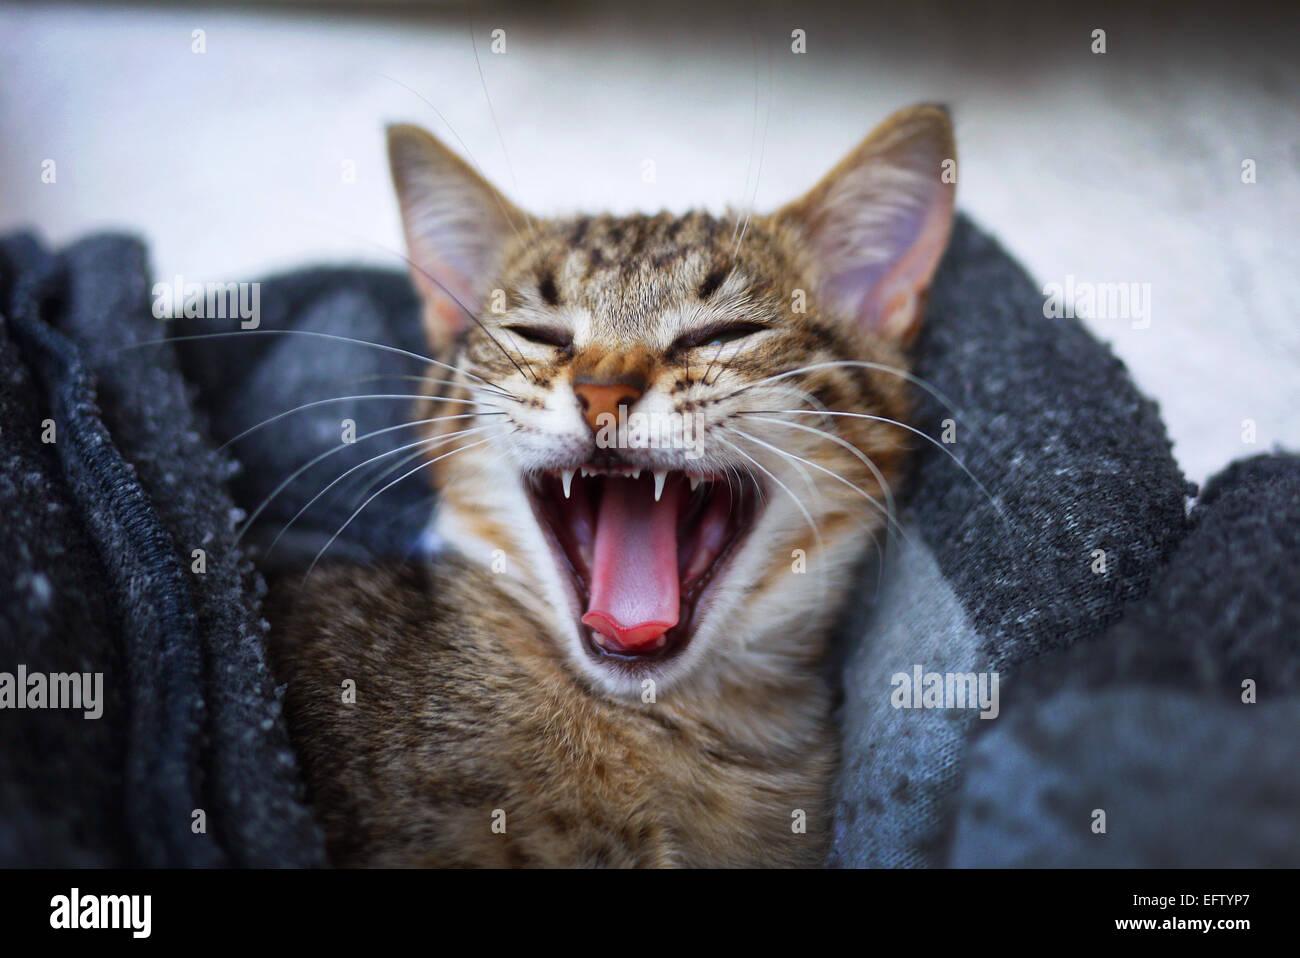 Kitten yawning. - Stock Image